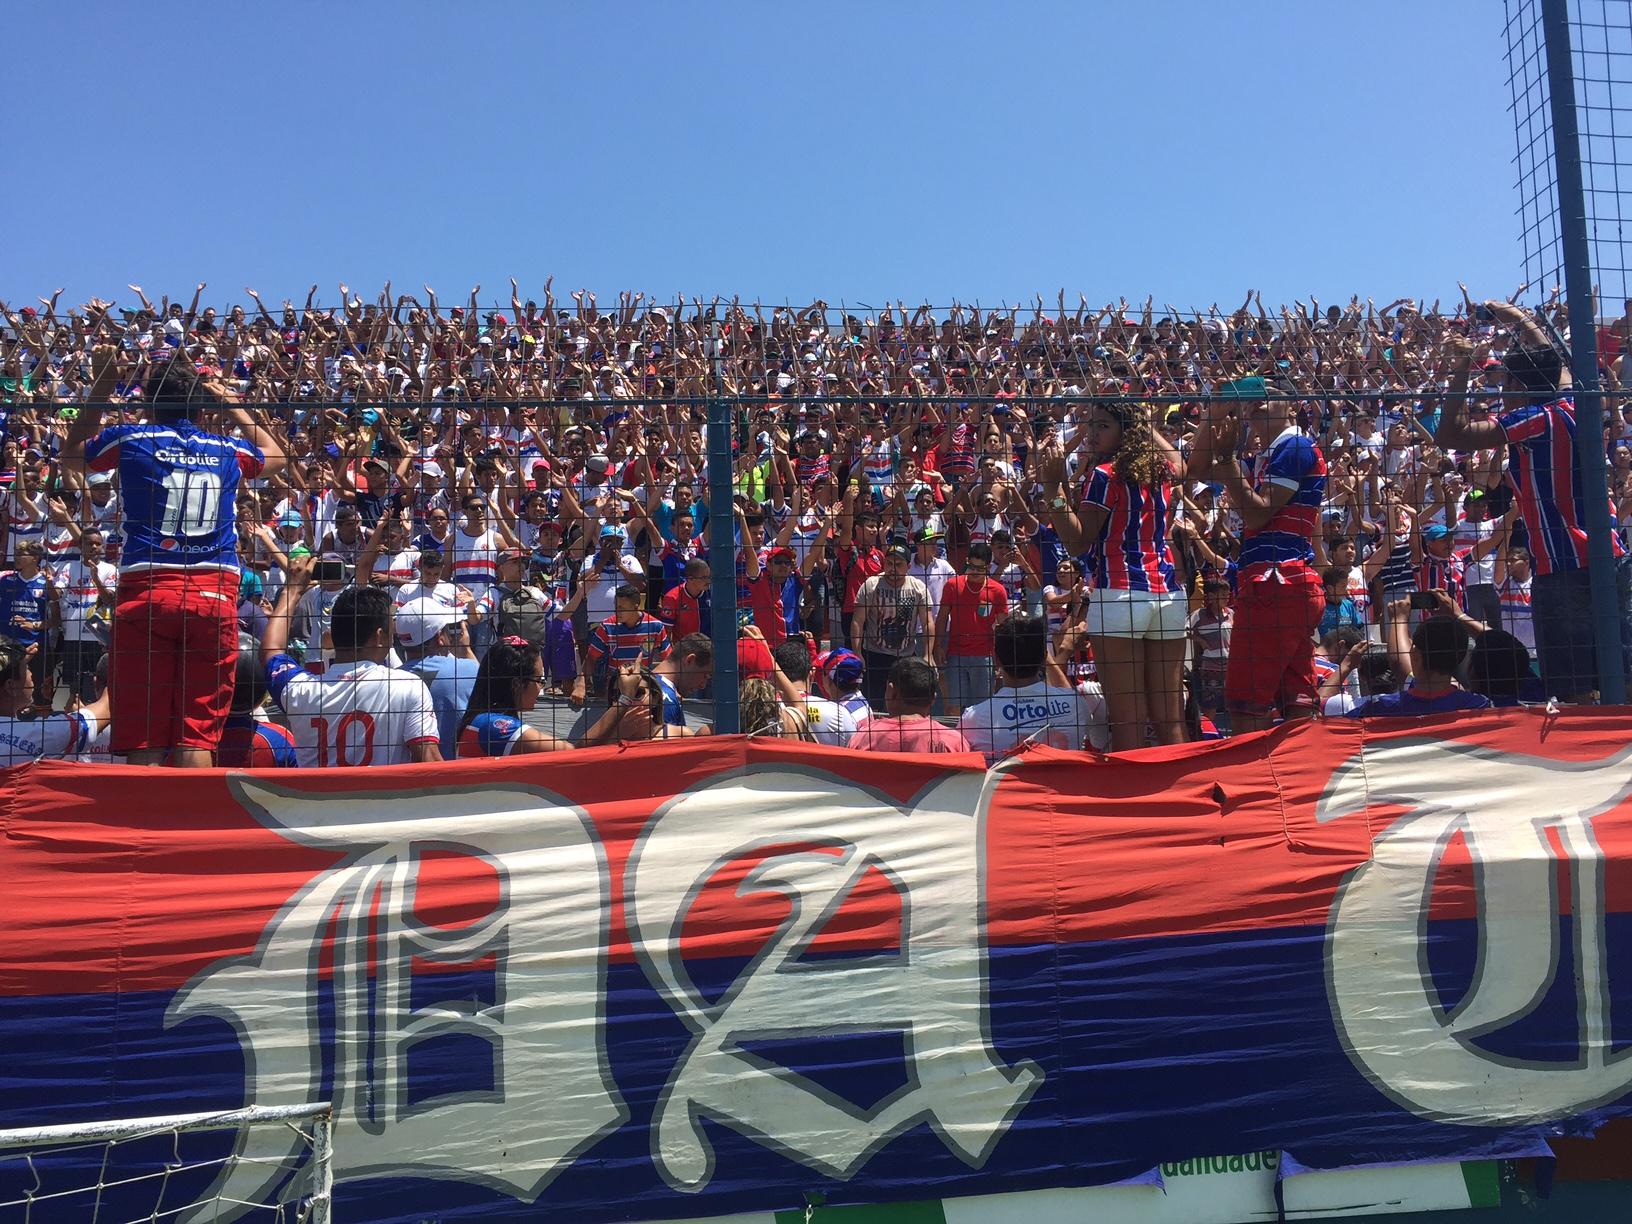 Torcida entoou vários cânticos dentro do estádio Alcides Santos (Foto: Lucas Catrib)